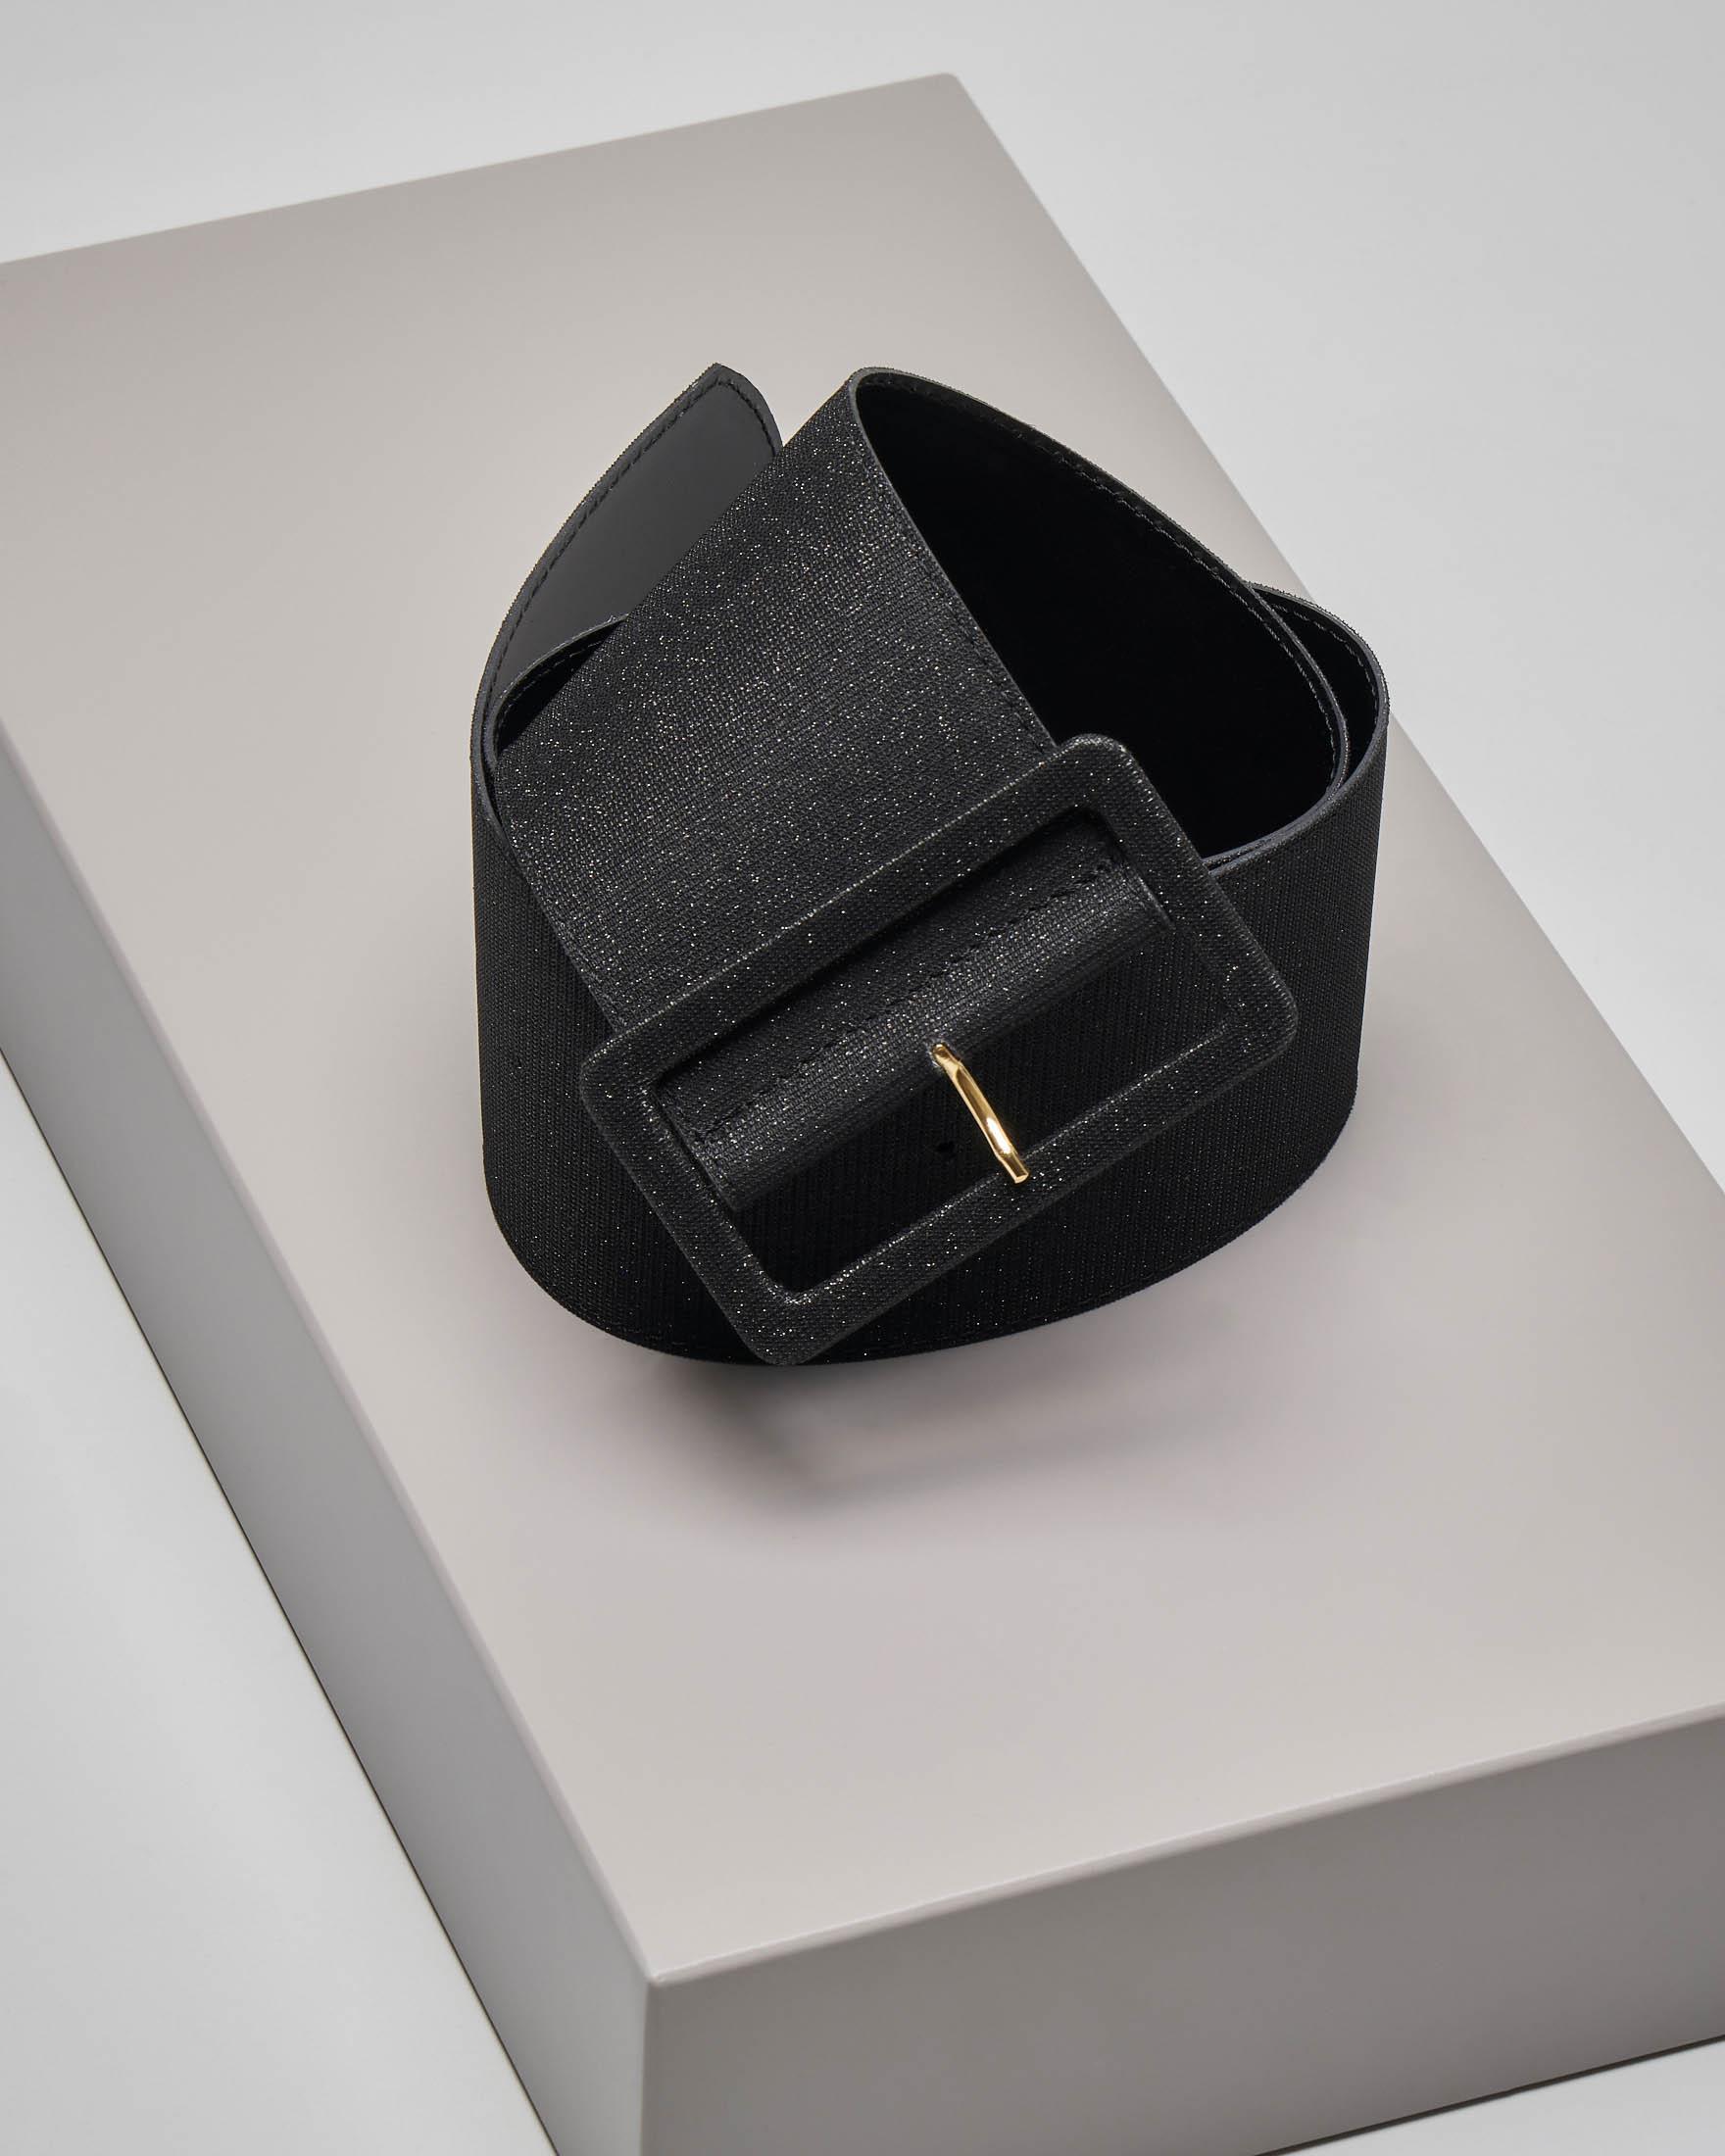 Cintura nera alta con inserti in lurex